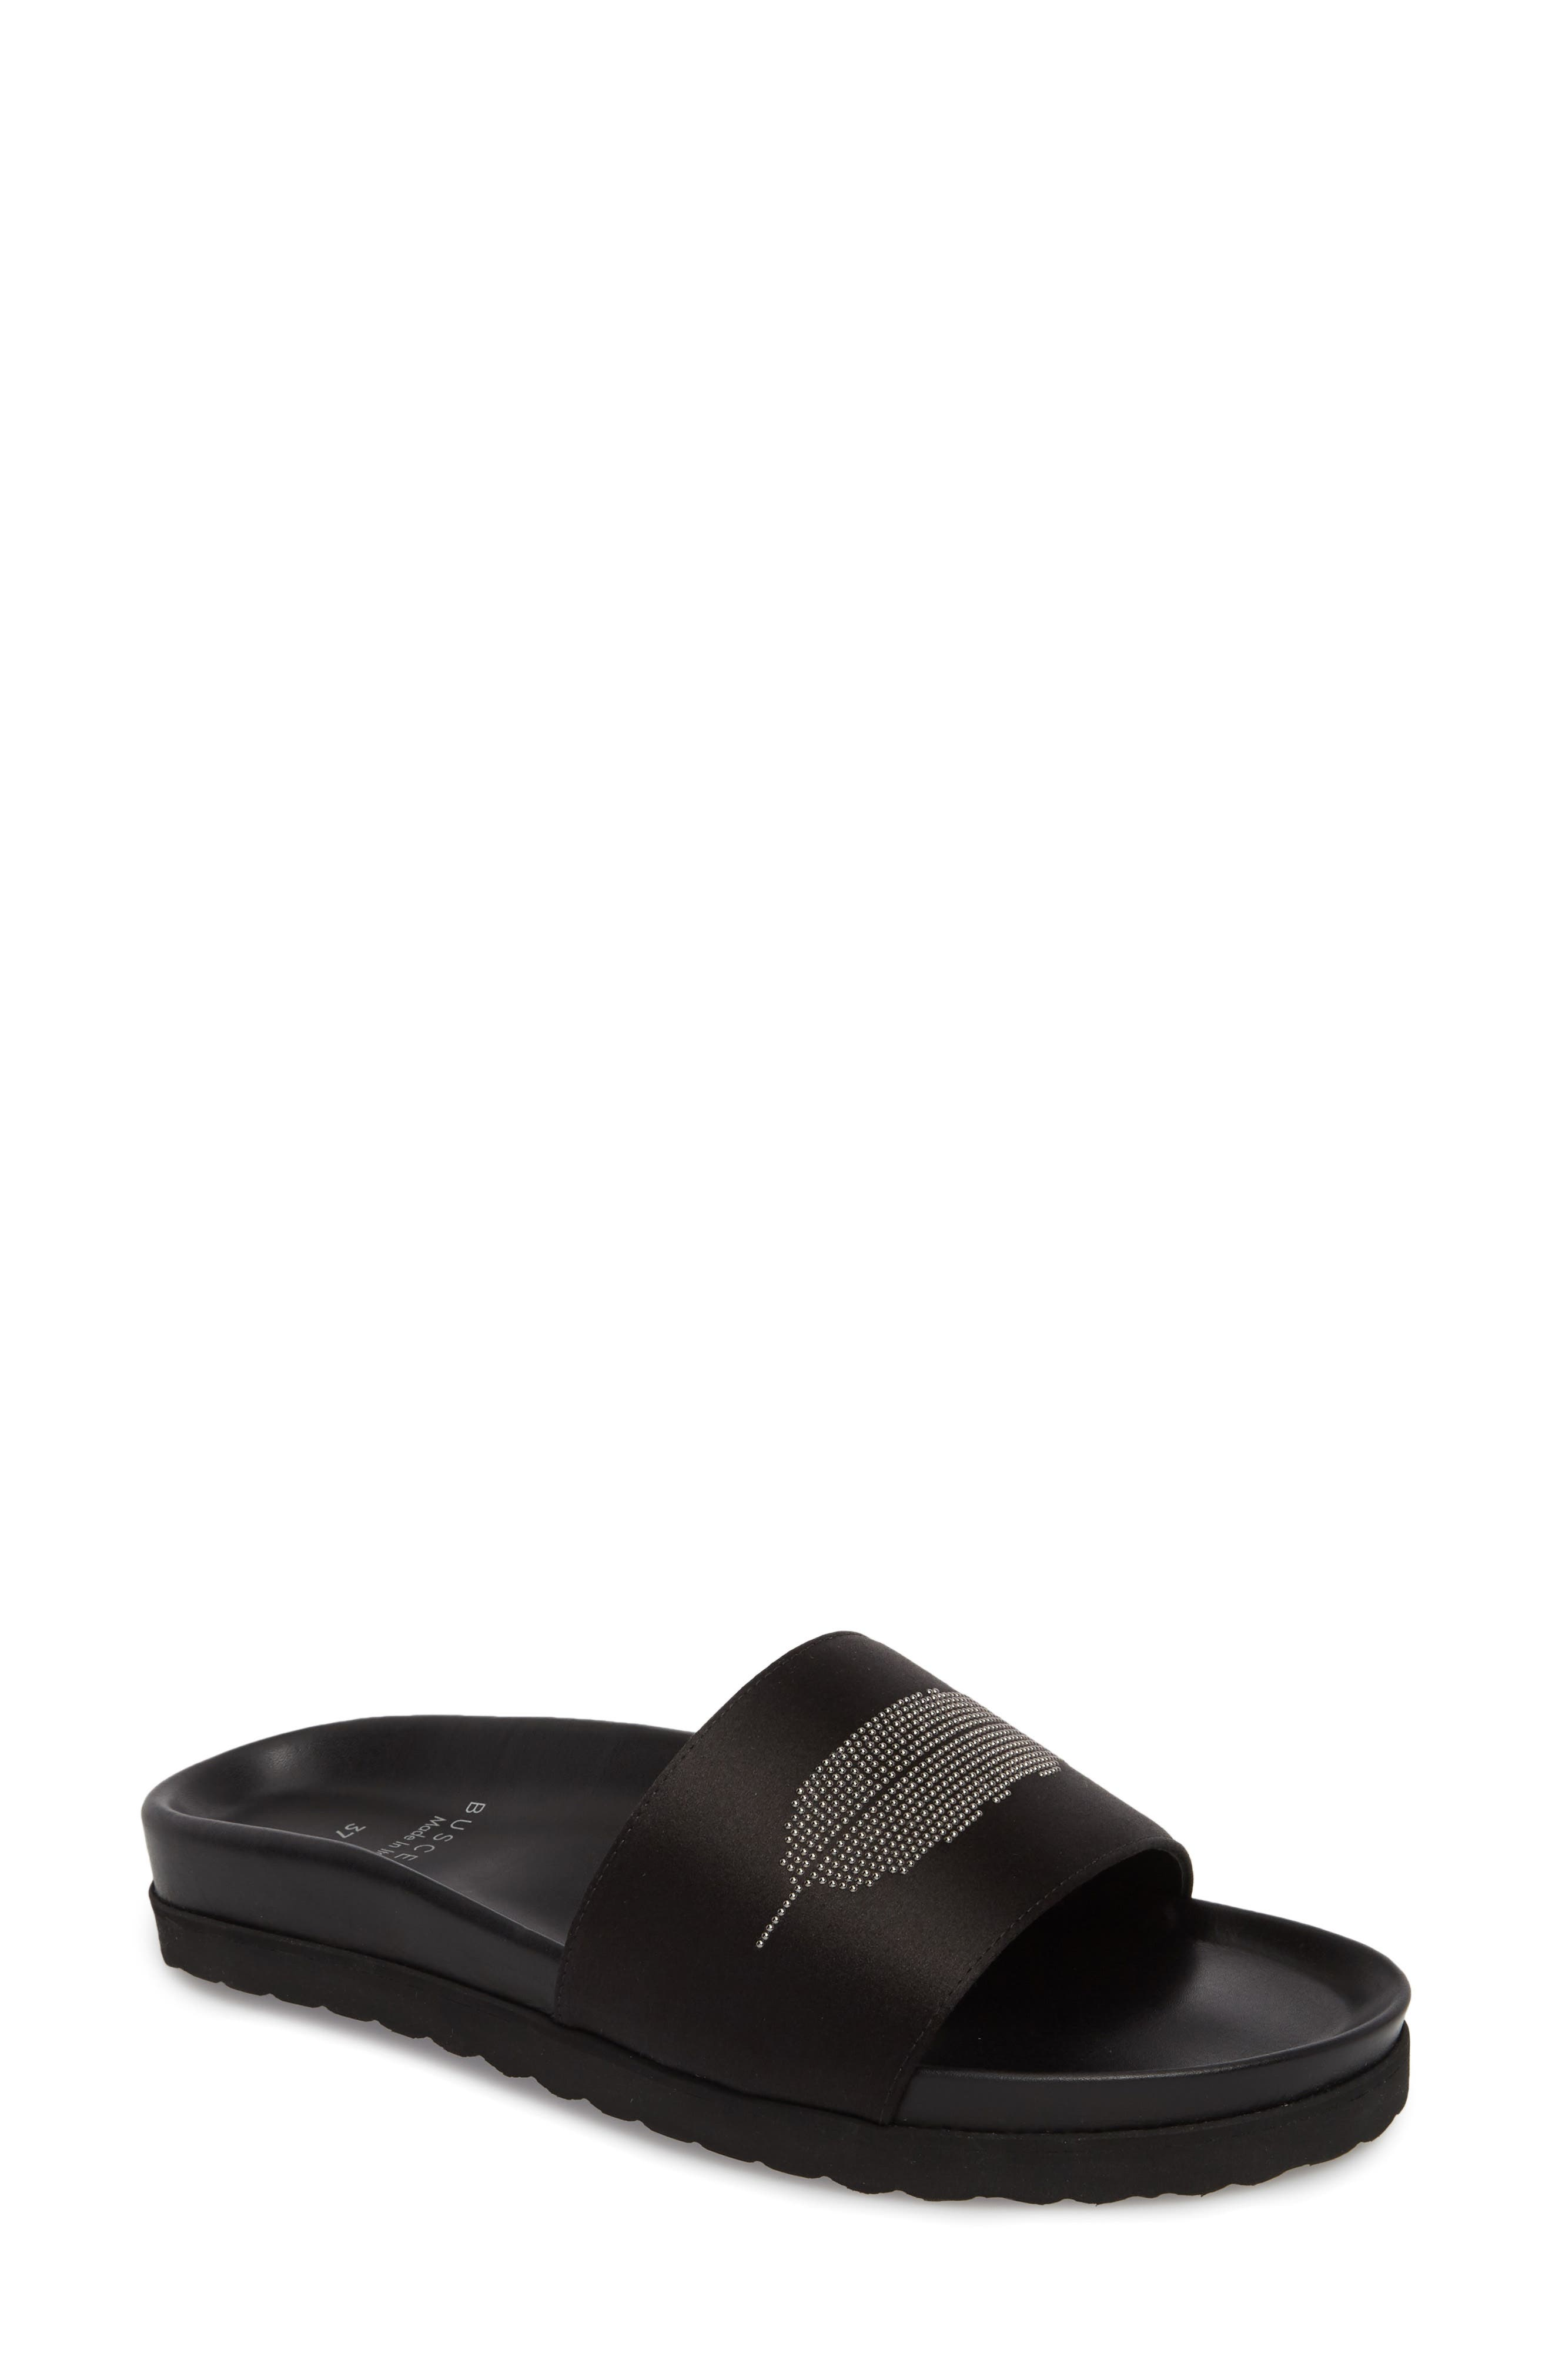 Satin Slide Sandal,                             Main thumbnail 1, color,                             BLACK